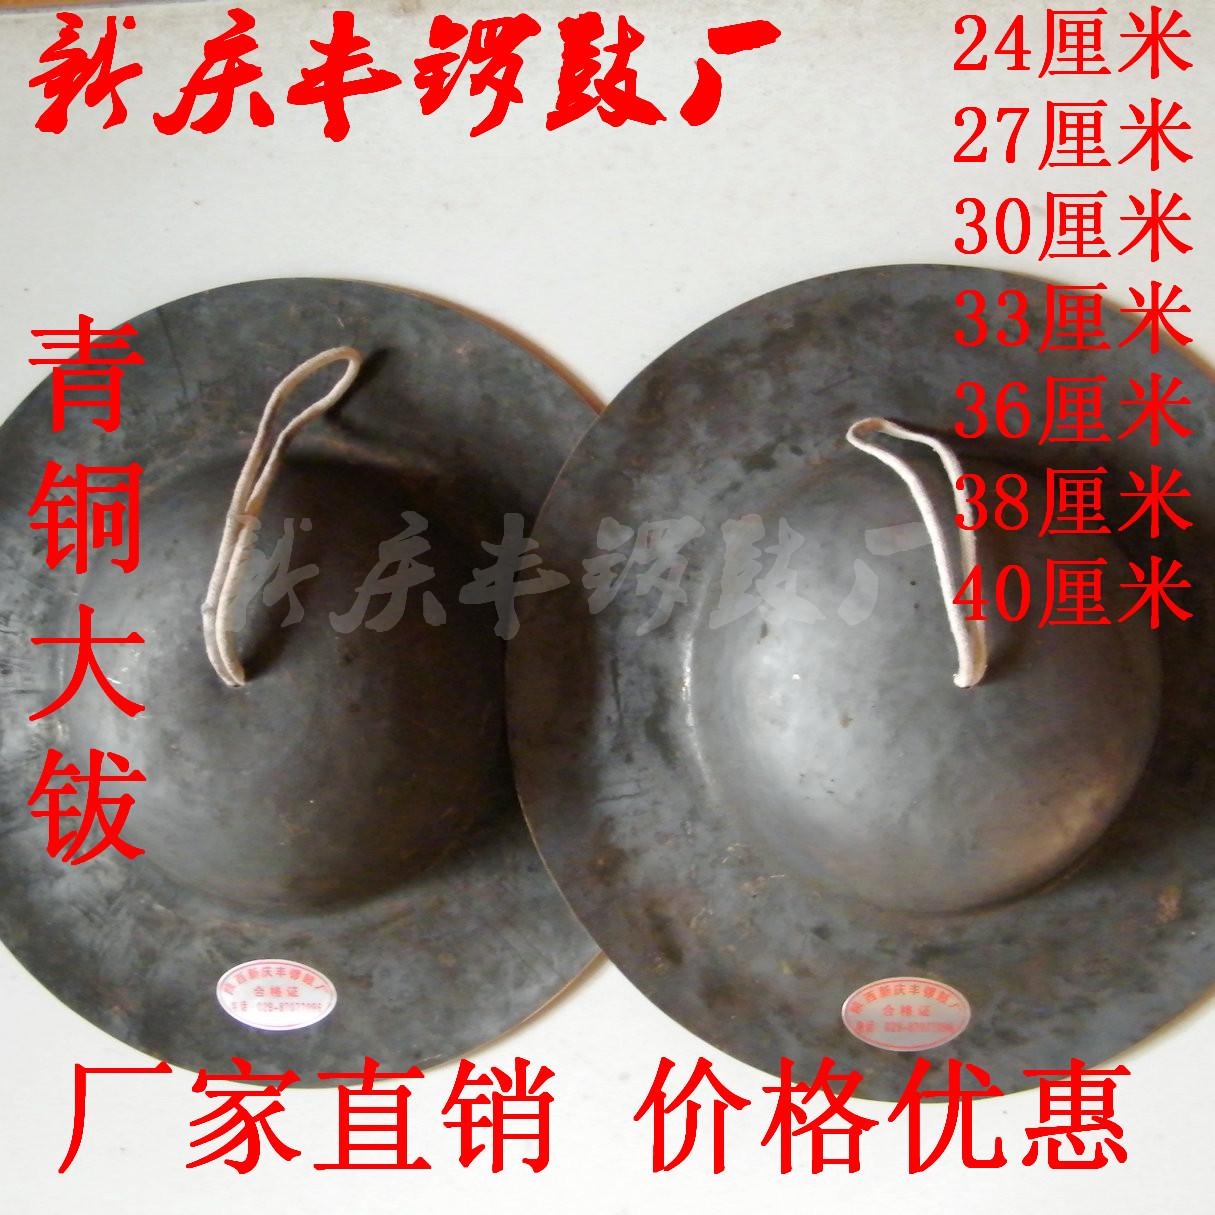 Праздновать обильный гонг барабан 7-12 дюймовый 40CM река тарелки река гонг барабан медь тарелки черный тарелки большая крышка Большие тарелки топ тарелки франция устройство бронза тарелки